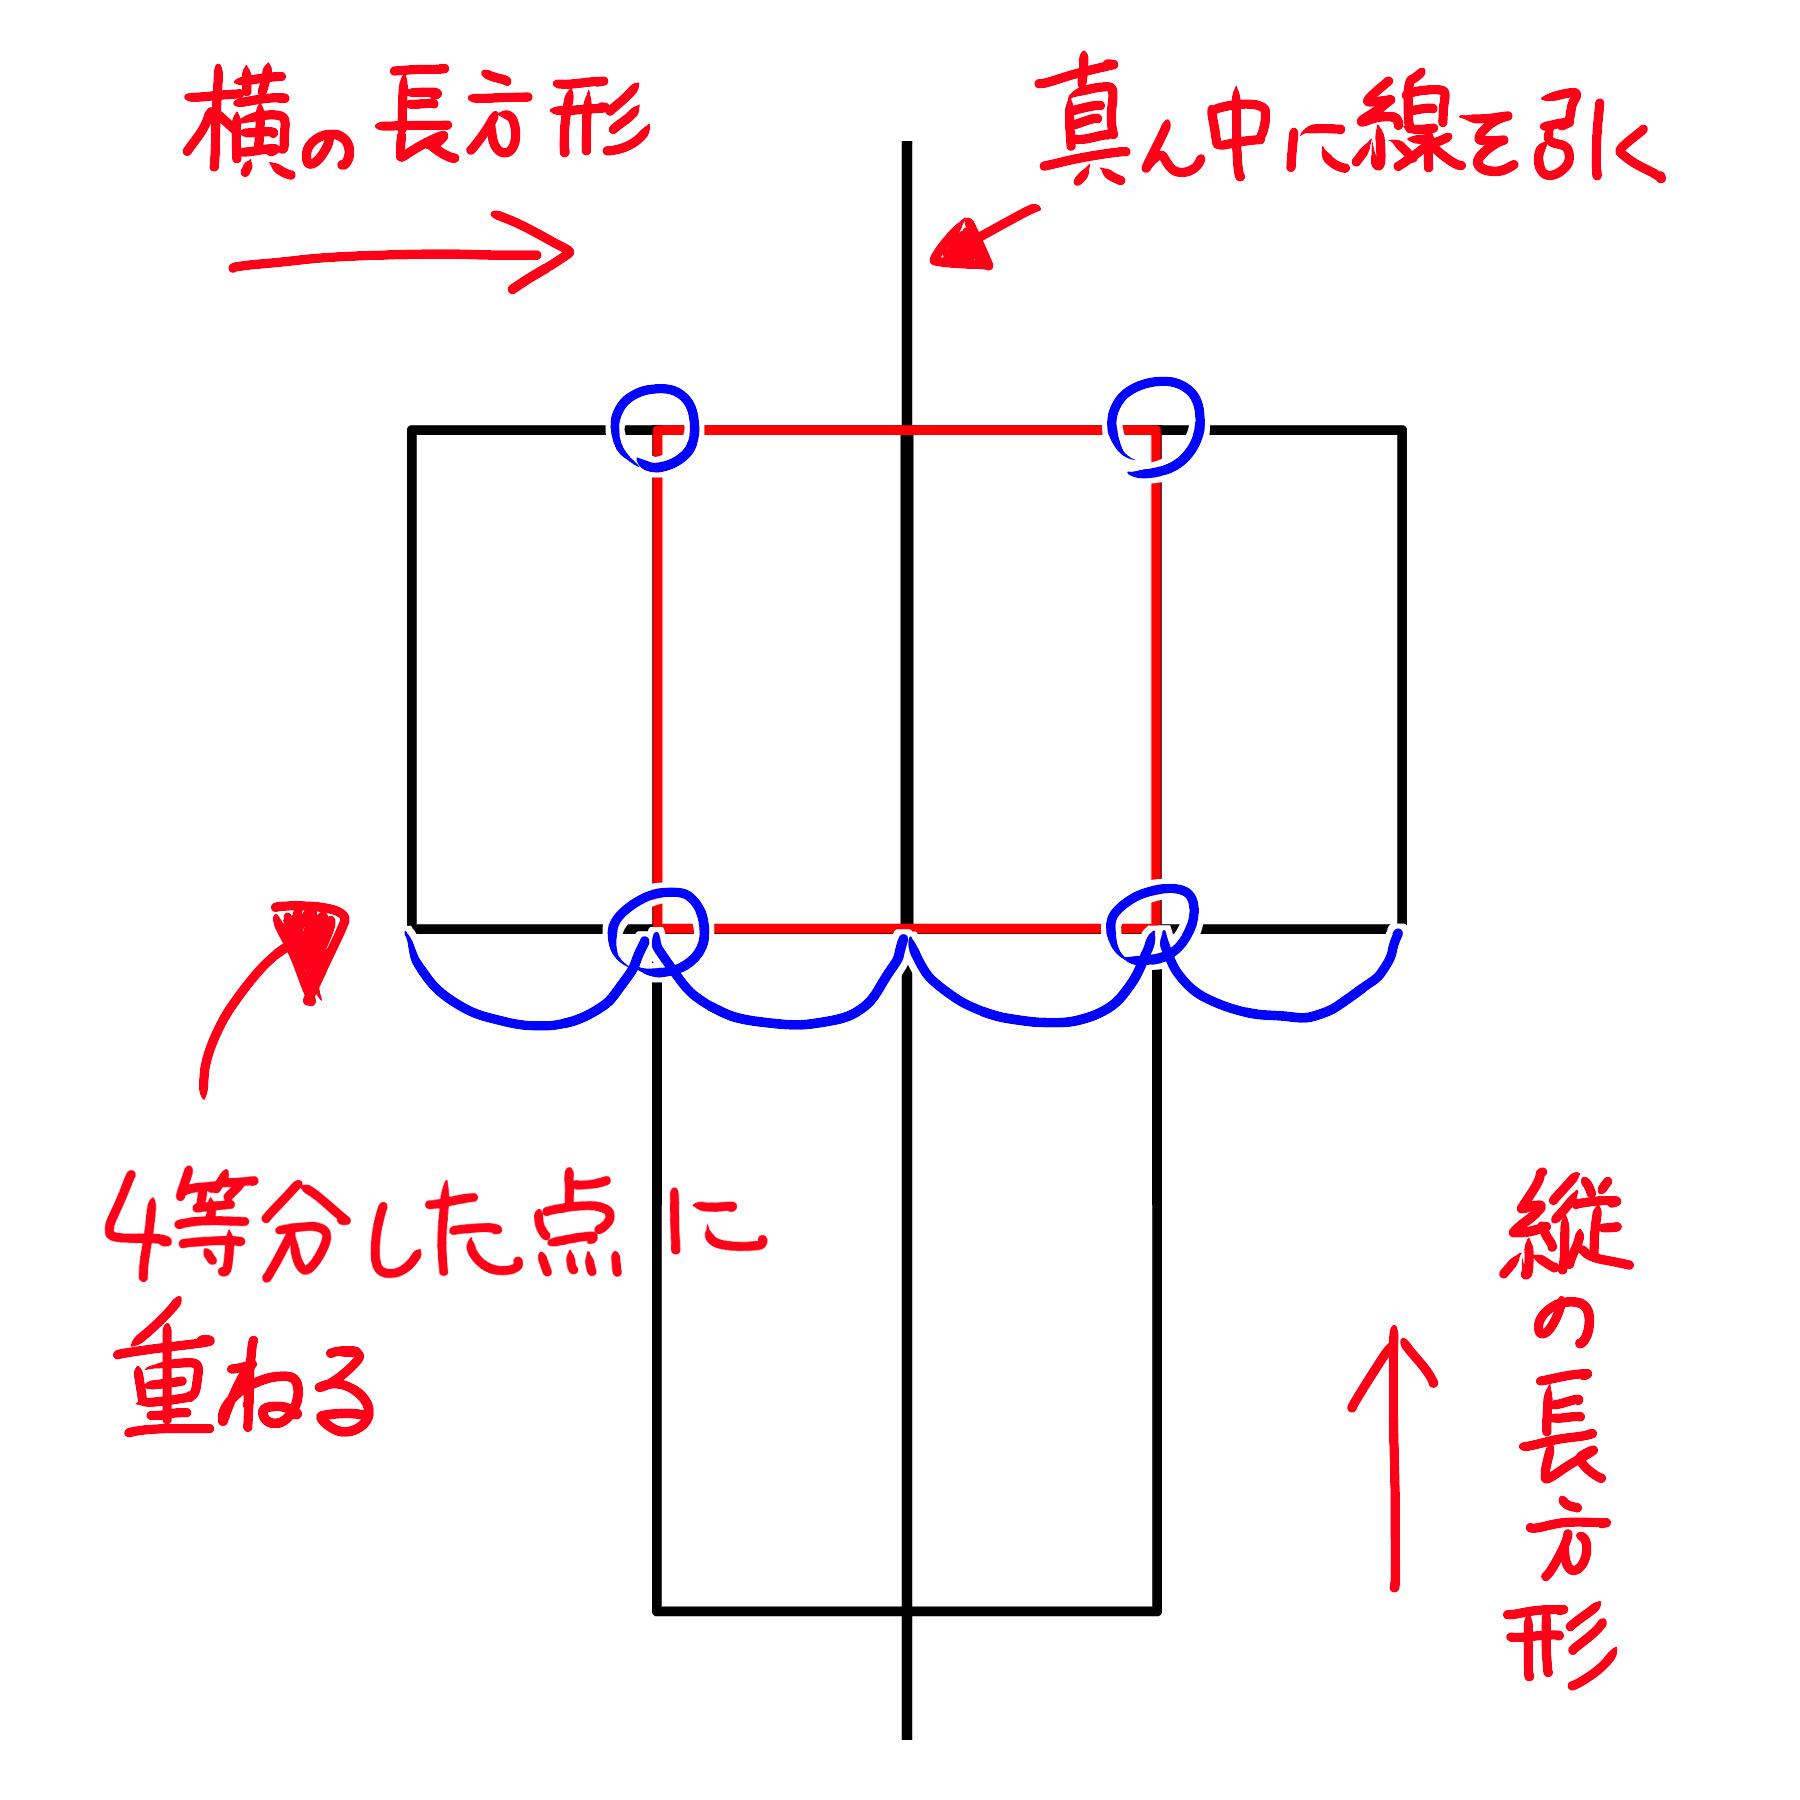 まず、縦横の長方形を縦の長方形が横の長方形の長辺を4等分した点を結ぶ形で重ねて描きます。 縦の長方形が横の長方形より少し長めに描くと良いです。 その真ん中に線を引きます。